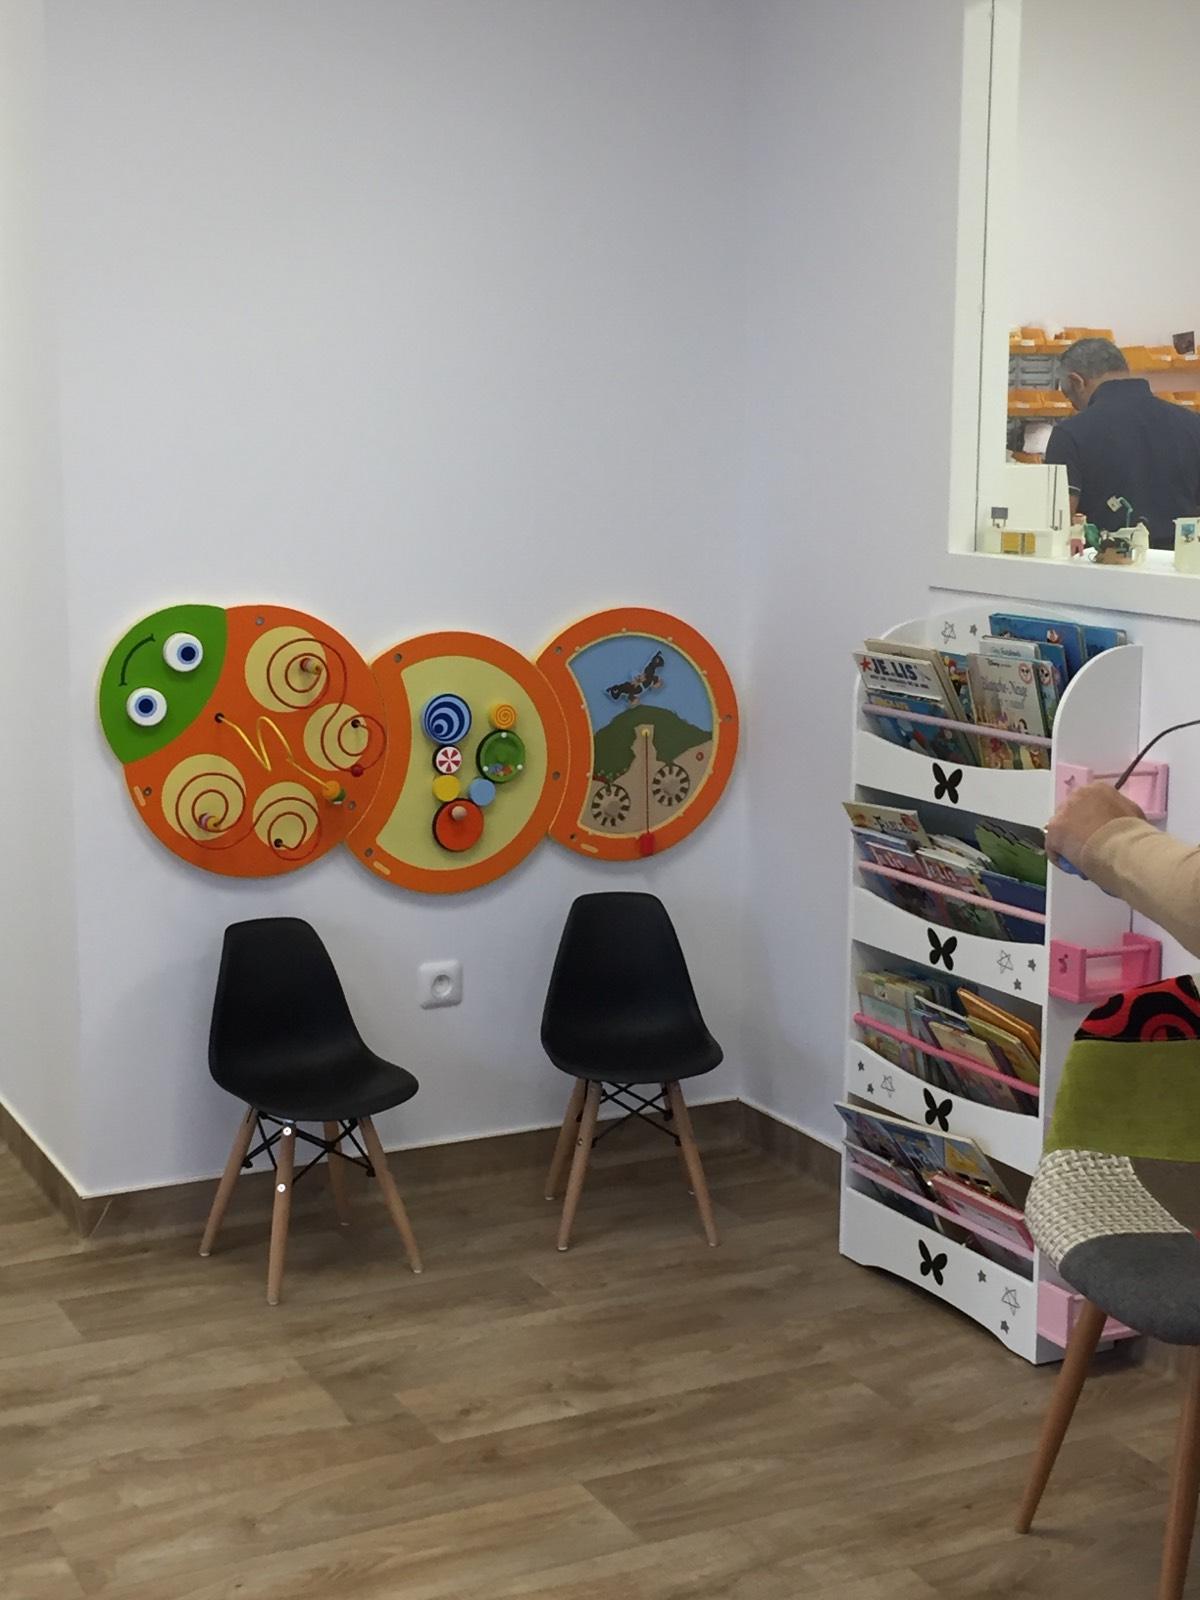 Chaises Salle D Attente Cabinet Medical idées d'aménagement d'une salle d'attente pour enfants